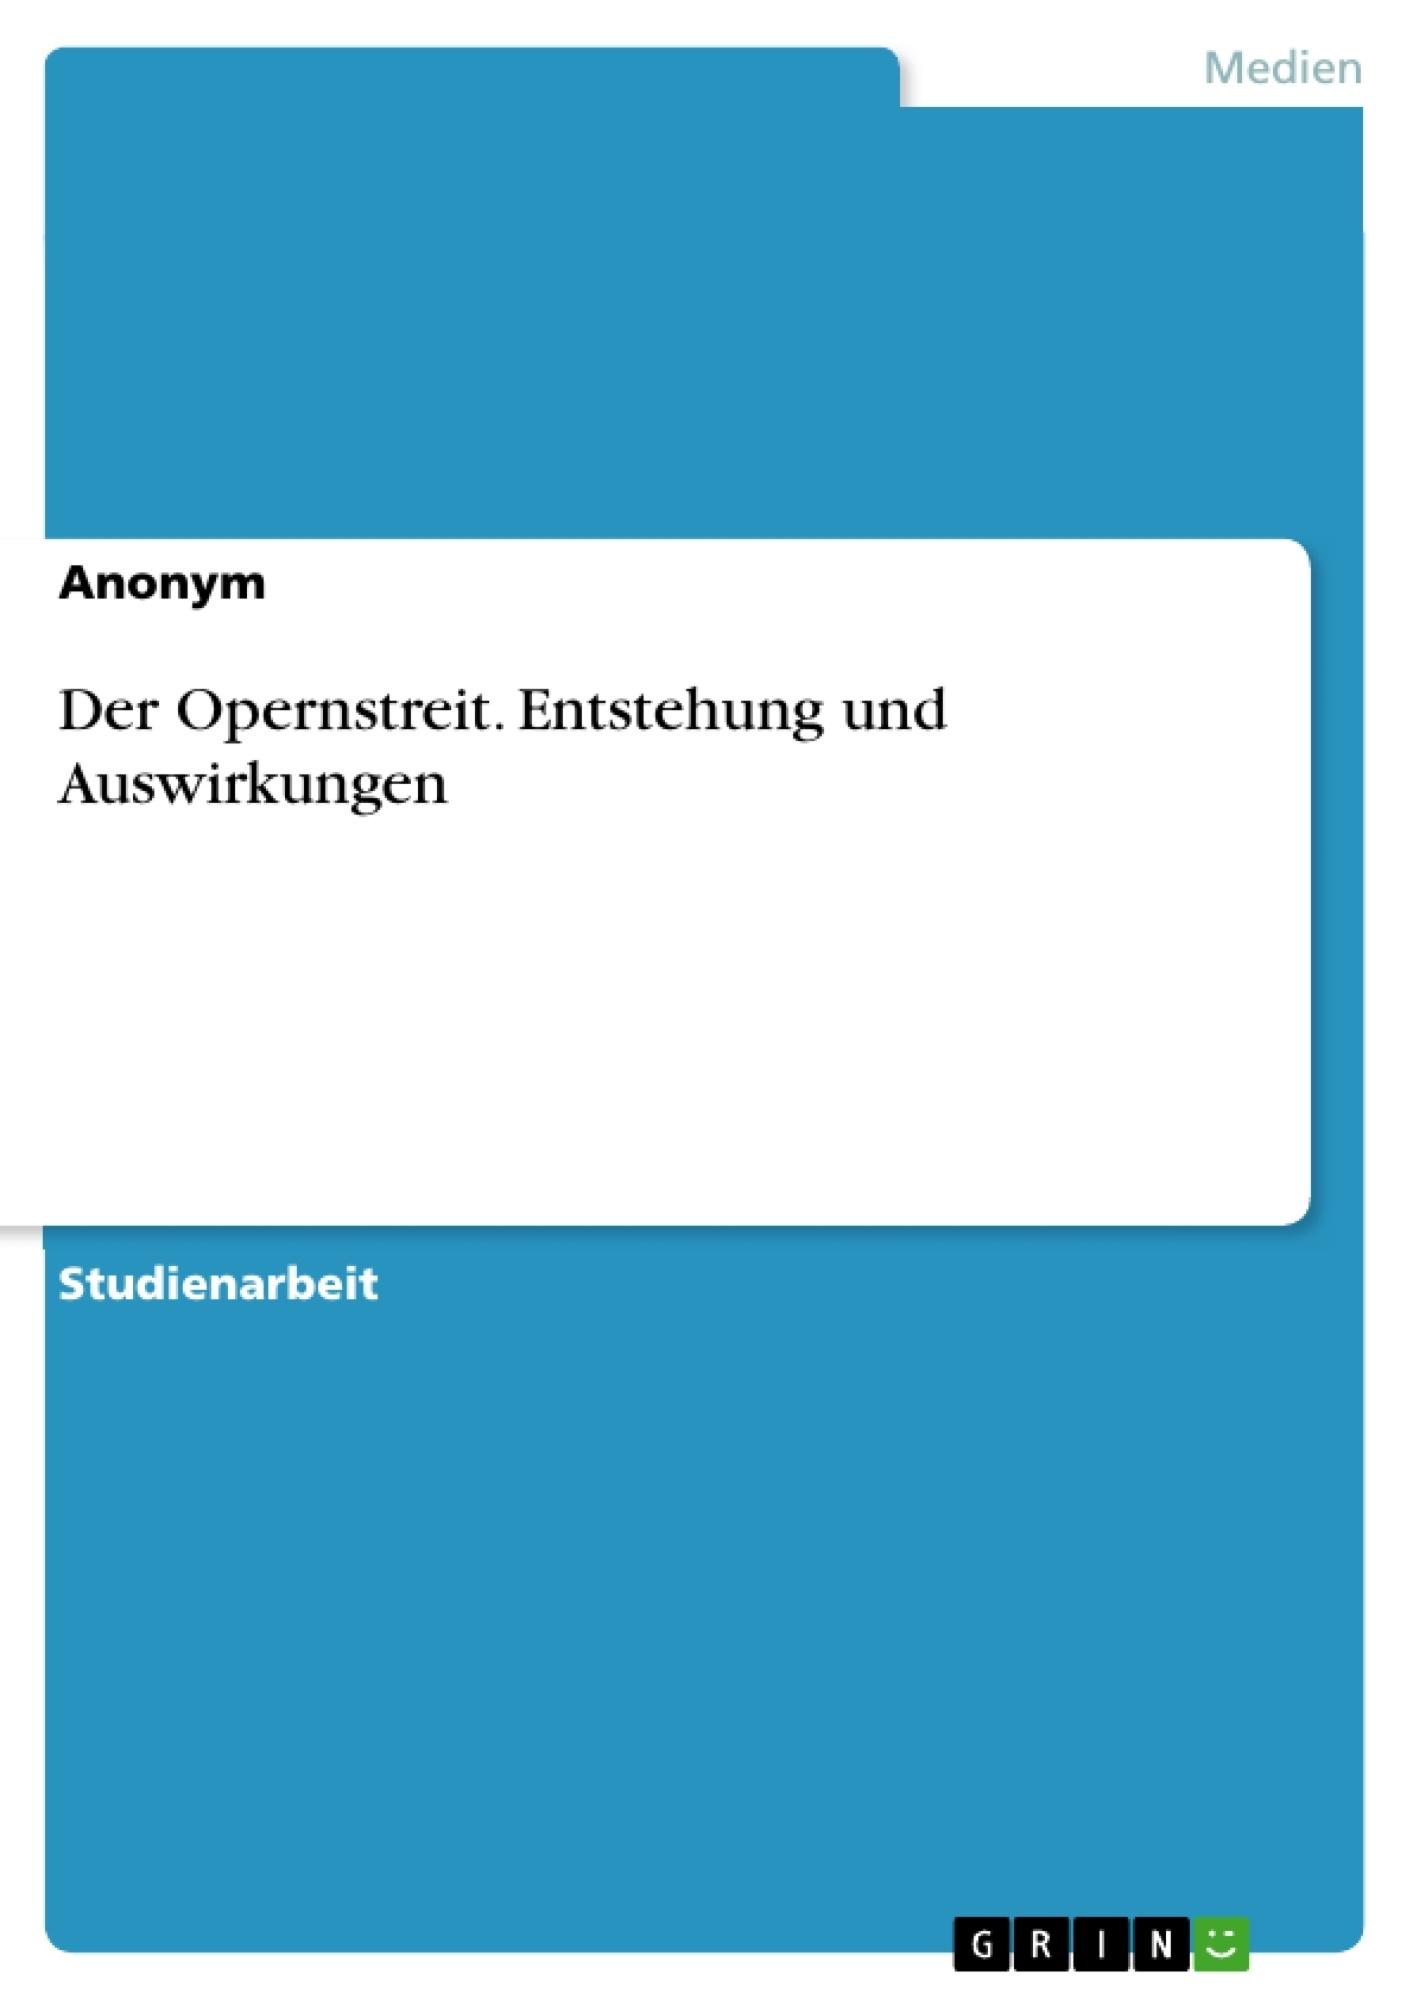 Titel: Der Opernstreit. Entstehung und Auswirkungen